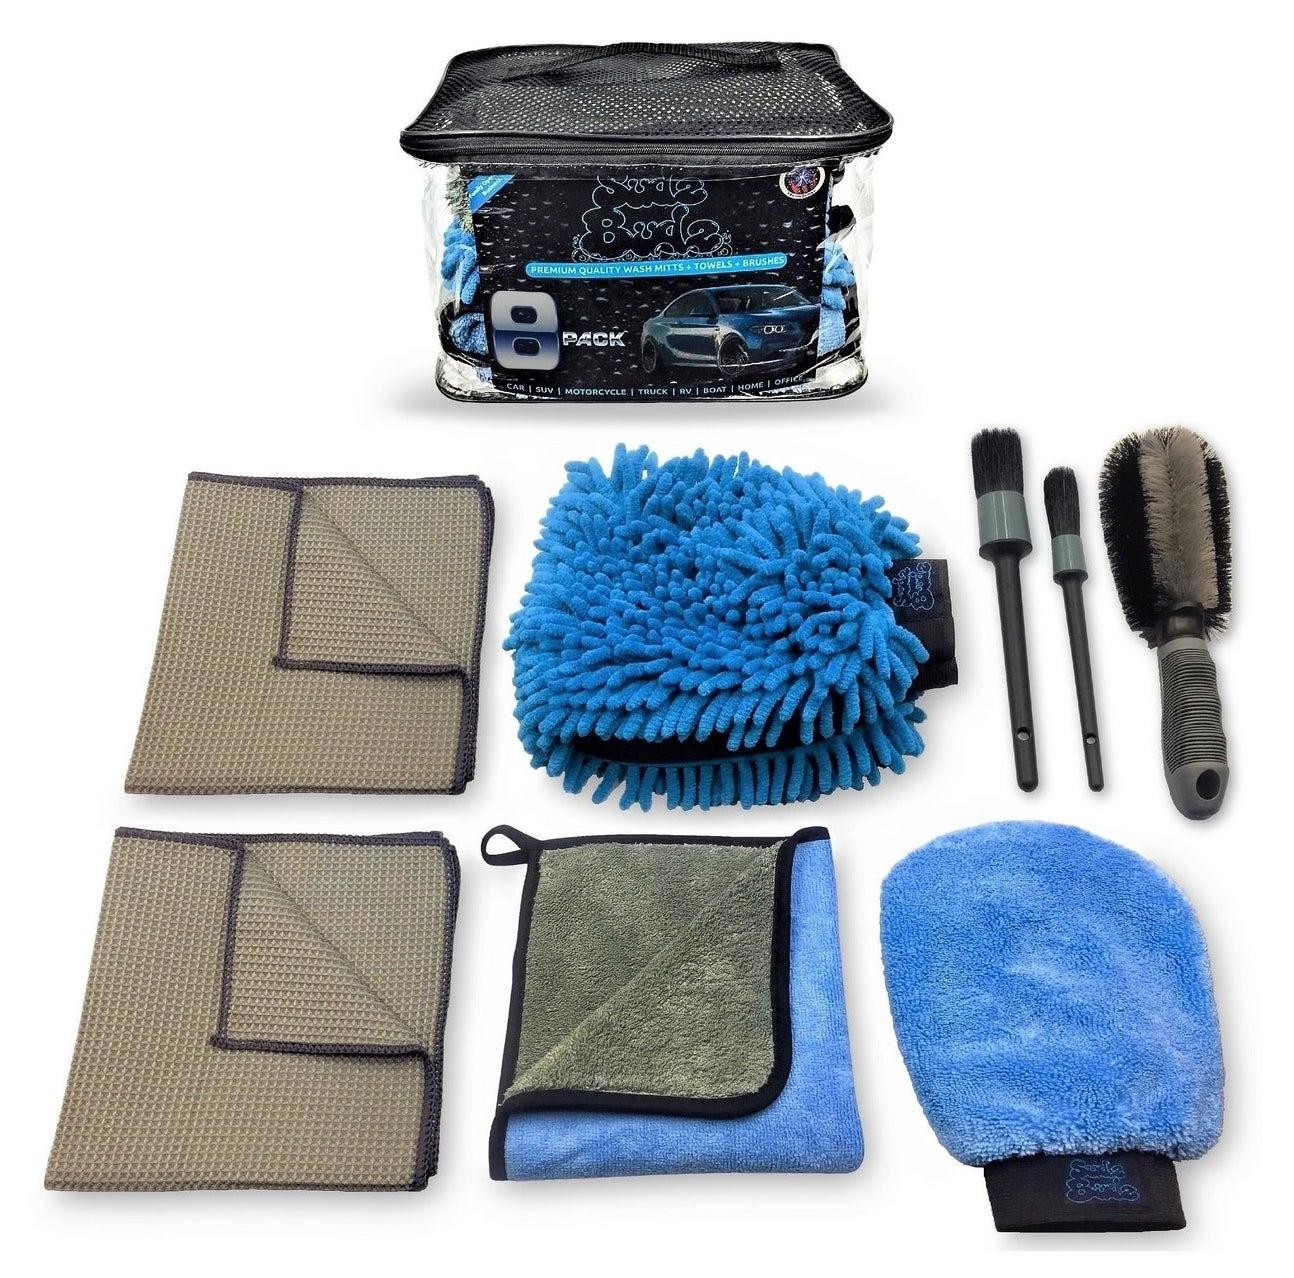 Contents of SudzBudz car wash kit